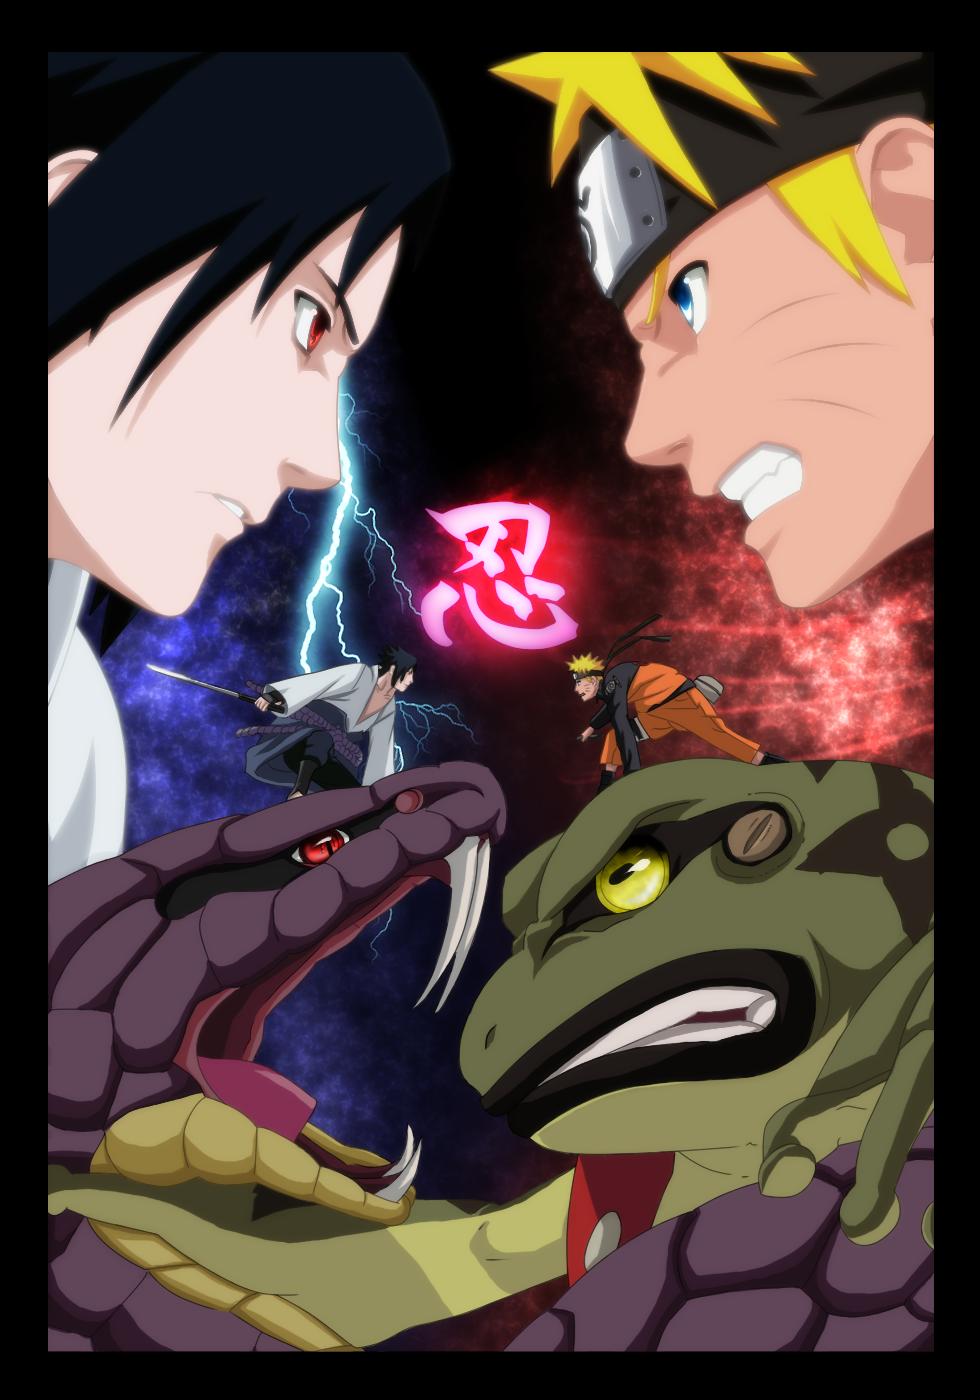 Naruto Shippuden World! : Sasuke x Sakura - Wild is the Wind